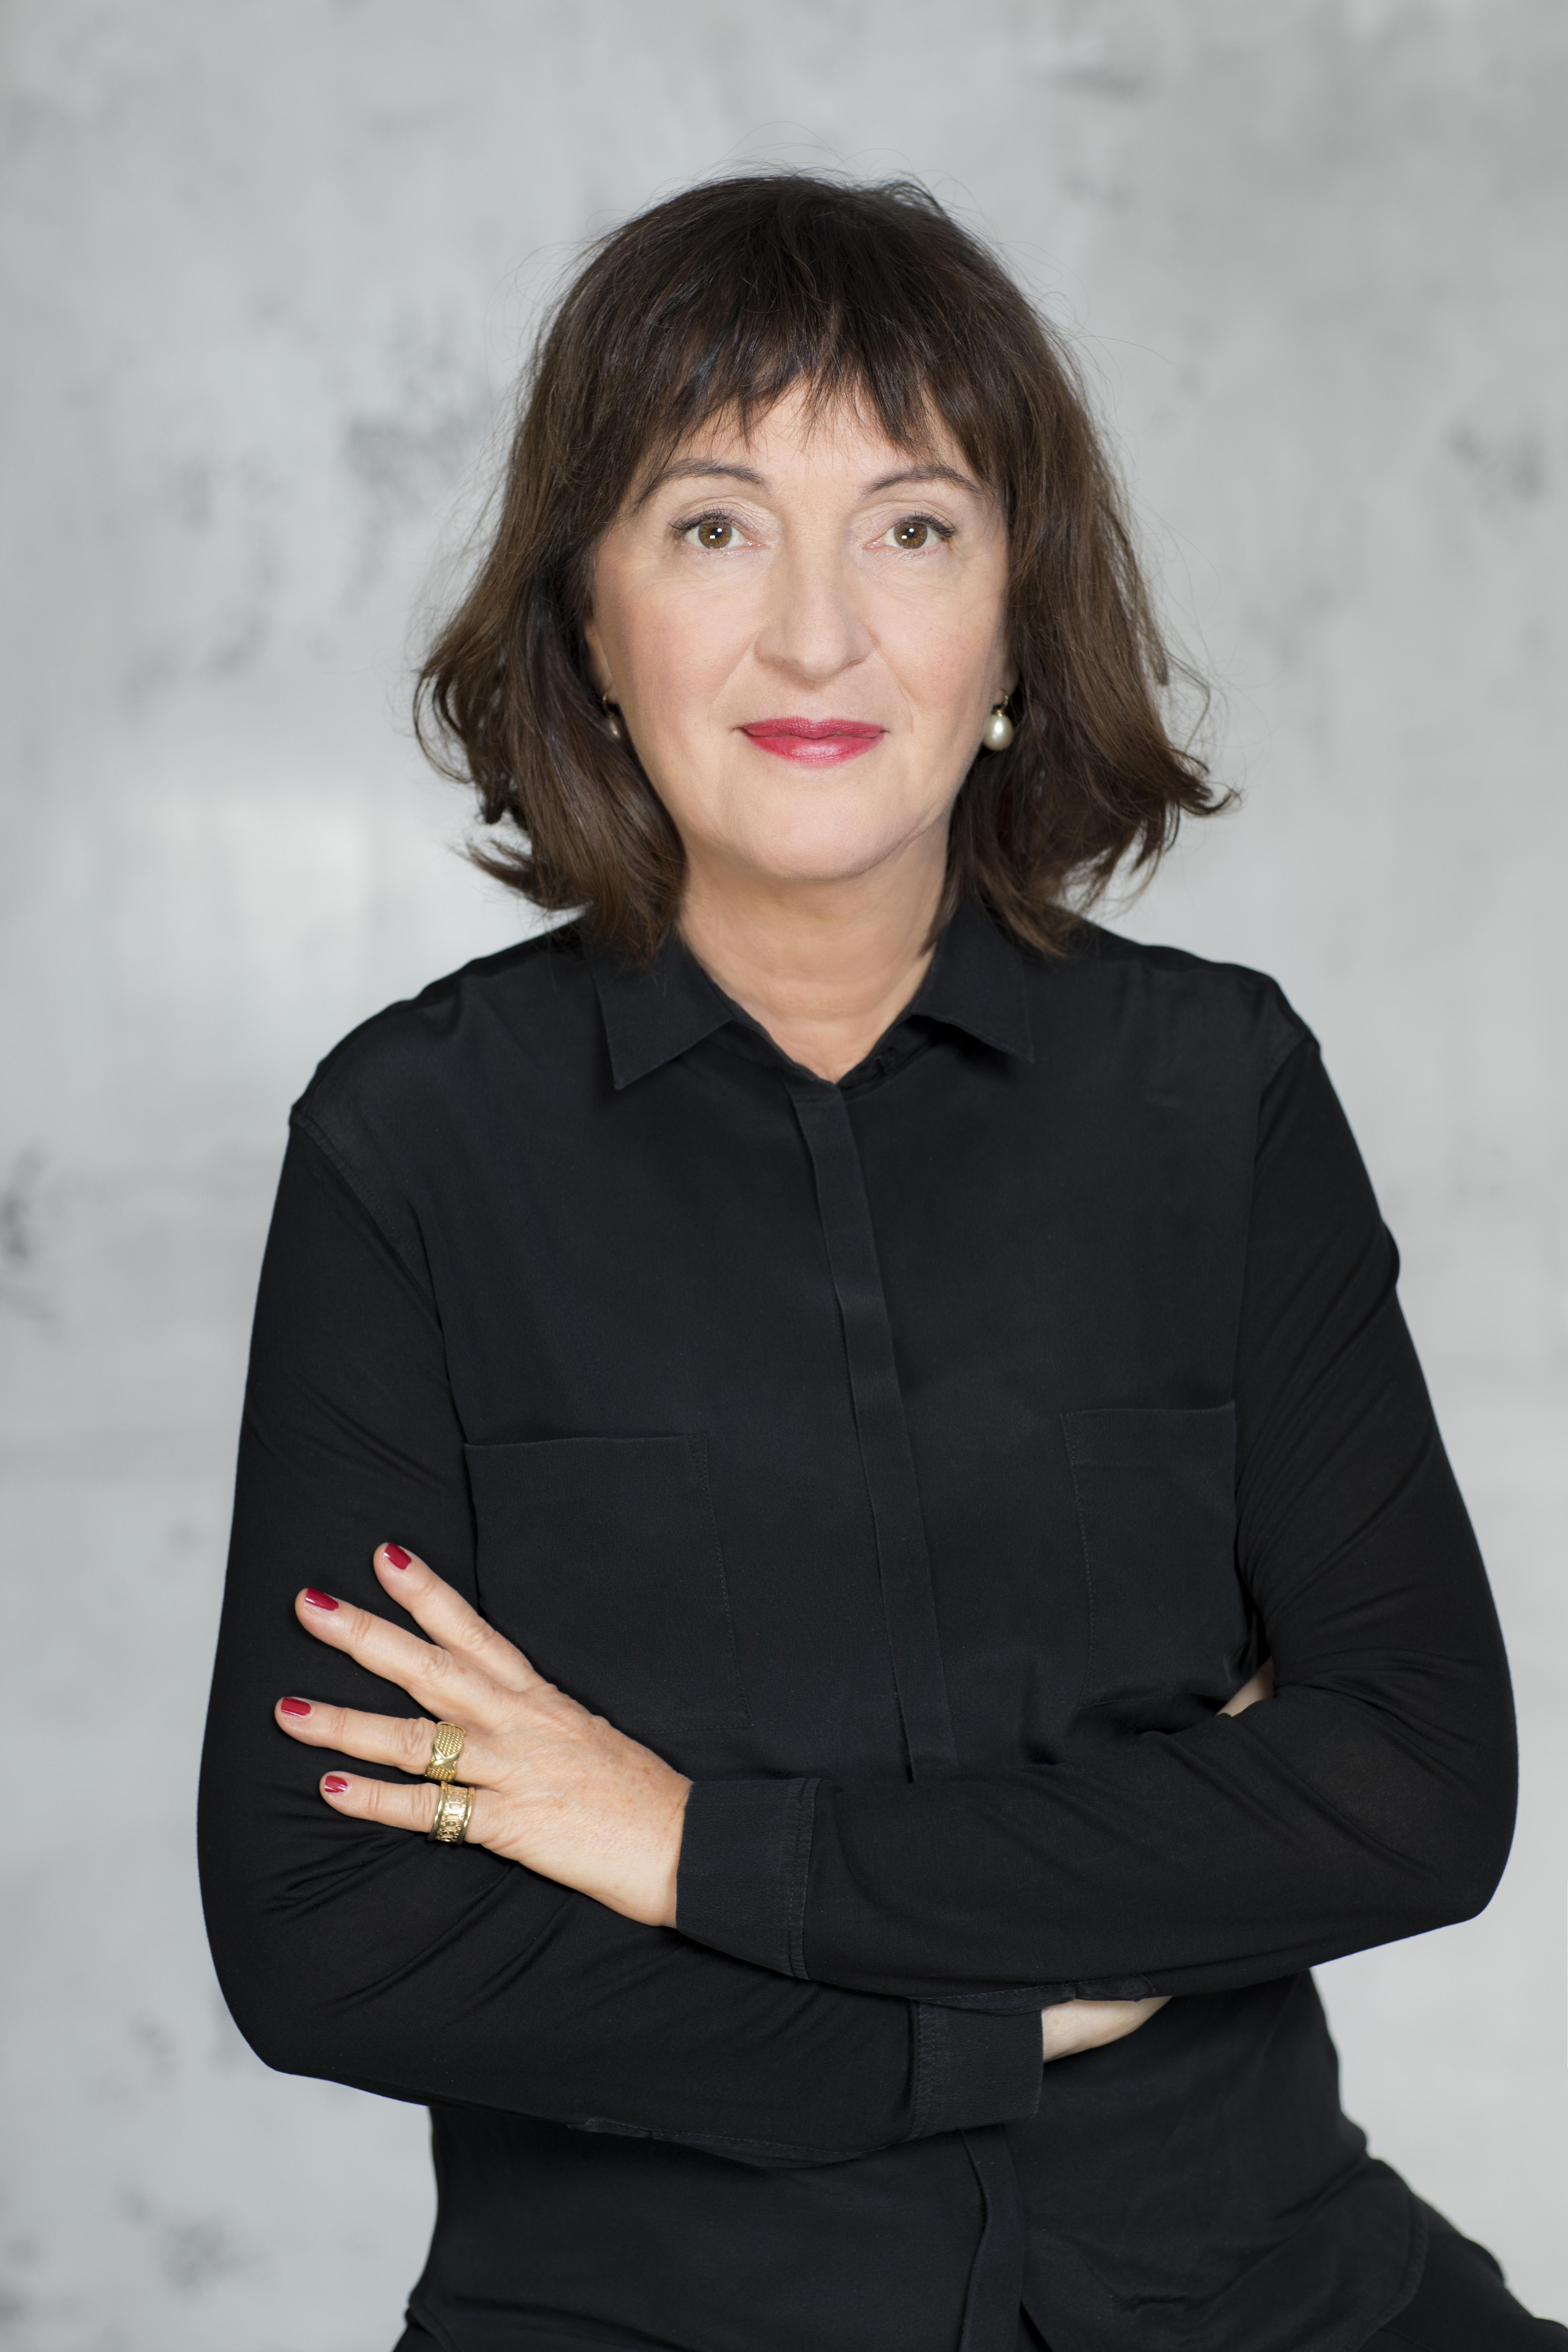 Sonia Mikich